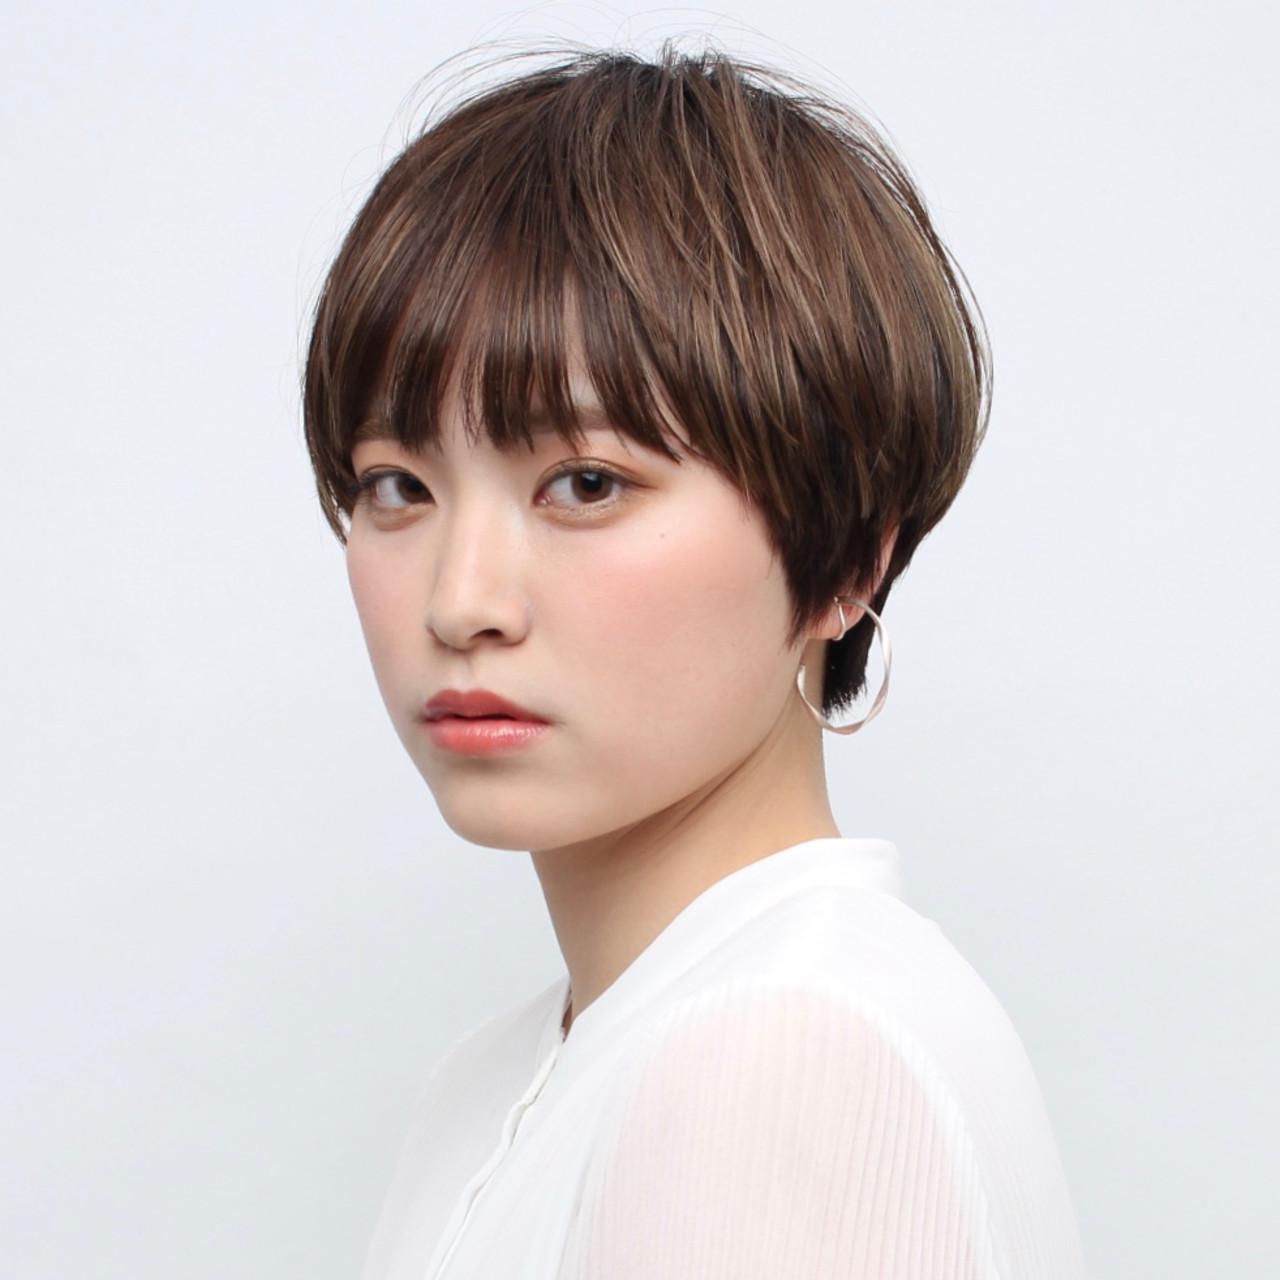 ナチュラル ショート デート 大人女子 ヘアスタイルや髪型の写真・画像 | 石井優弥 / 『 PEEK-A-BOO原宿 』